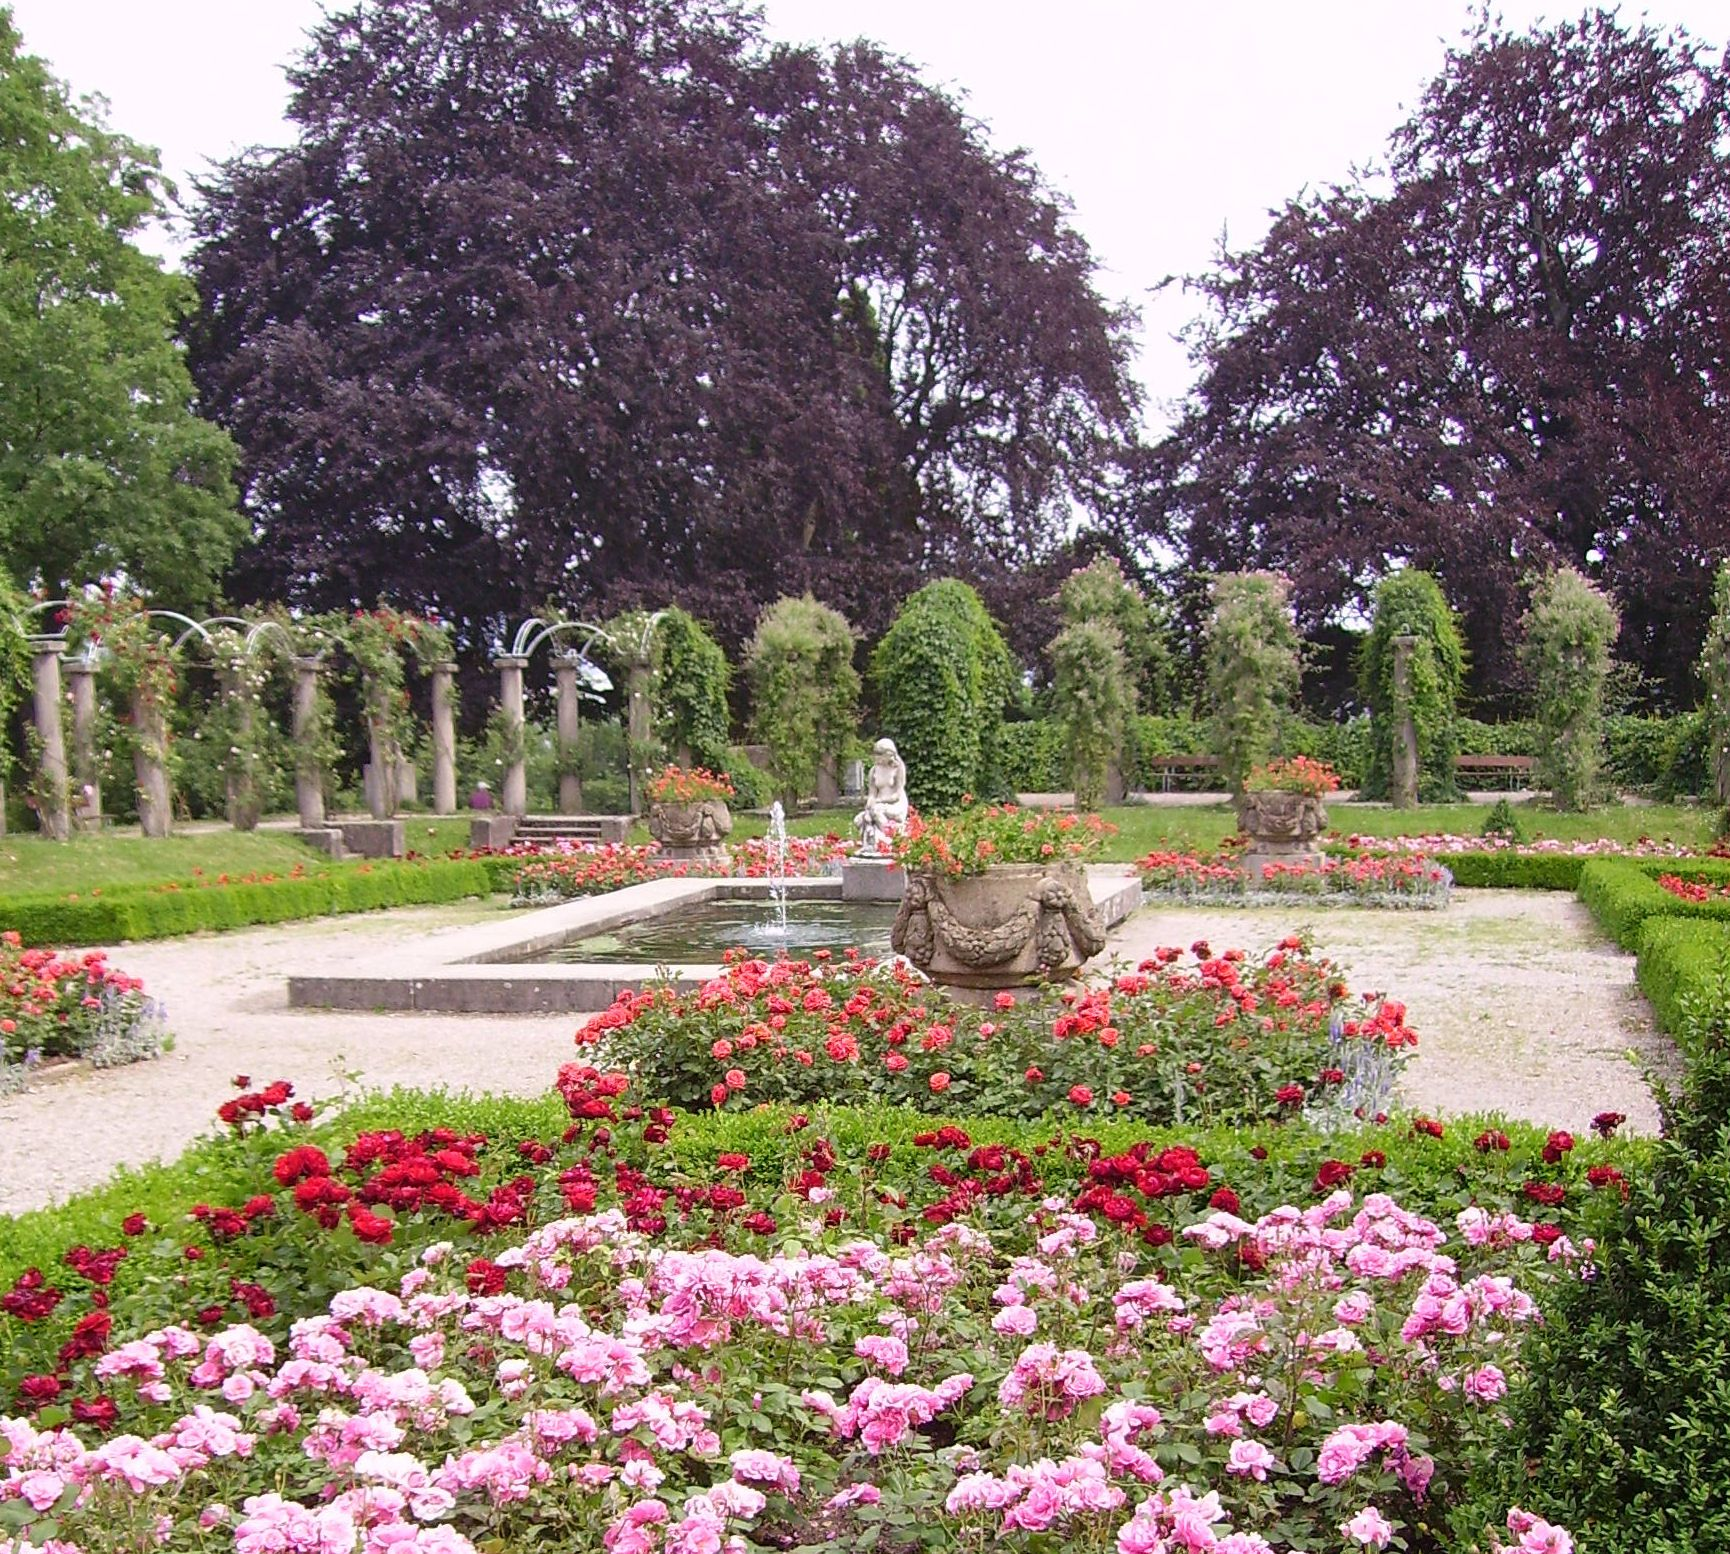 Rosen vor dem Schloss Rosenstein in Rosensteinpark